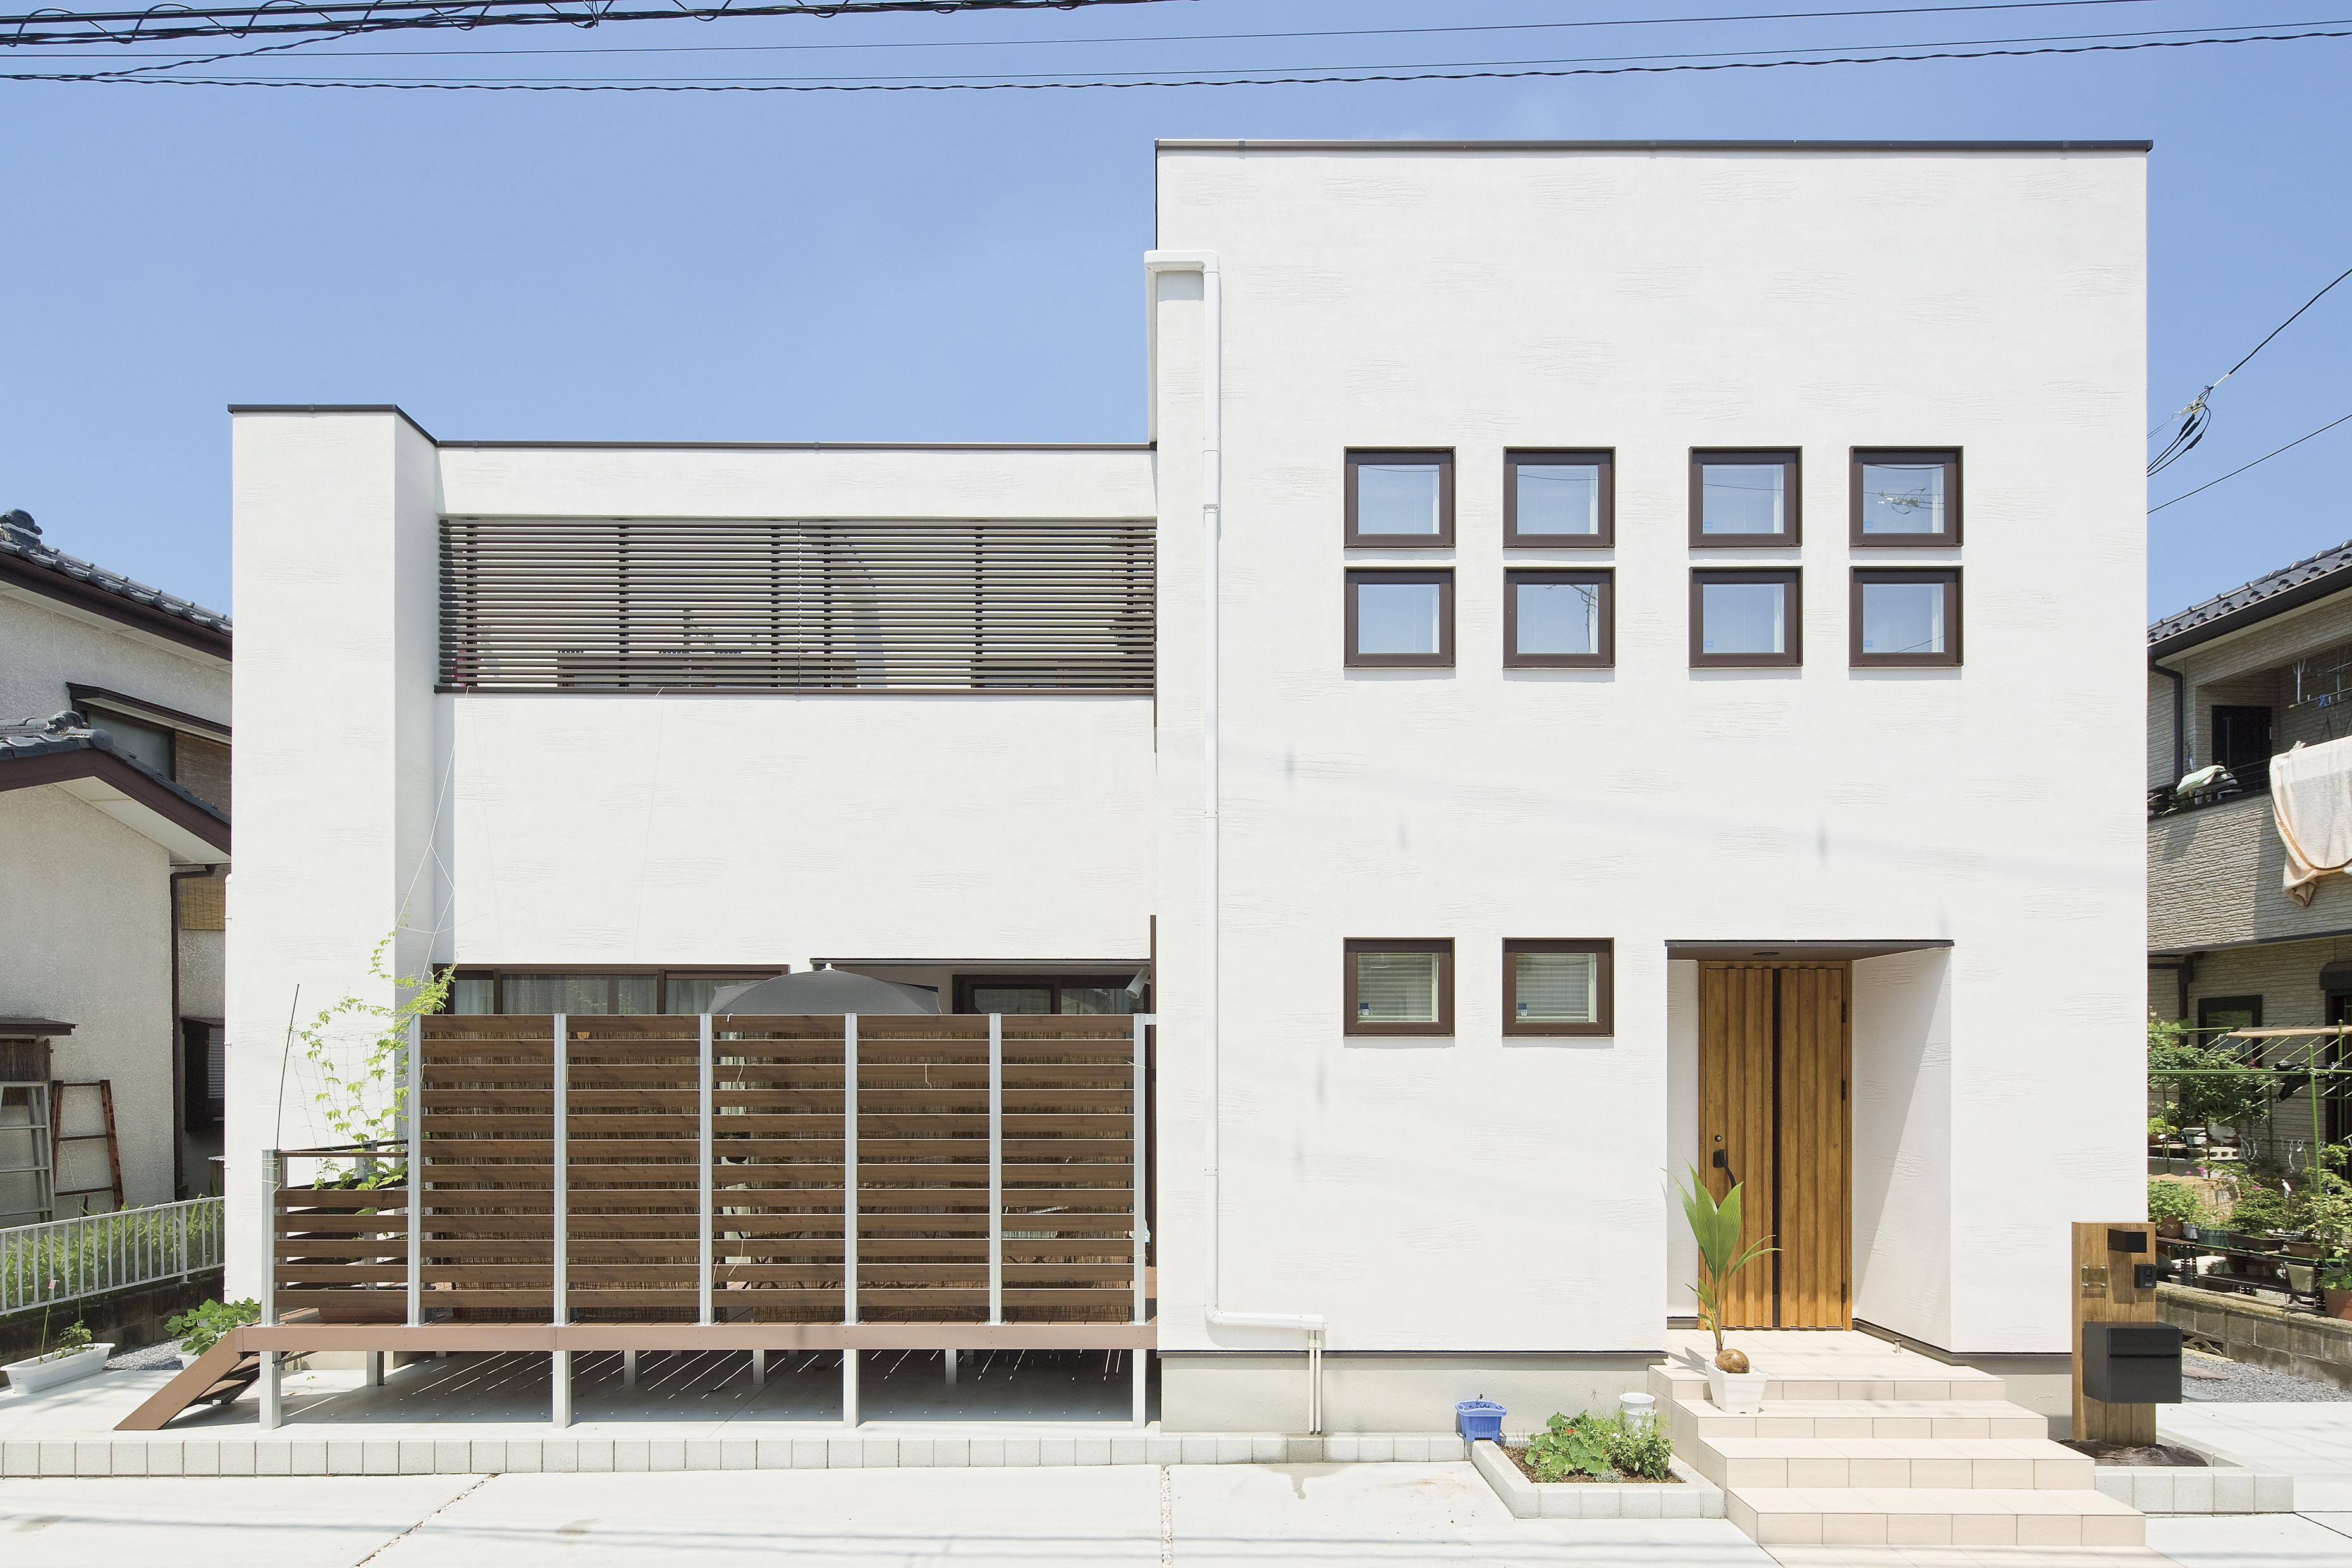 スクエアな住宅の外観_埼玉県建築実例